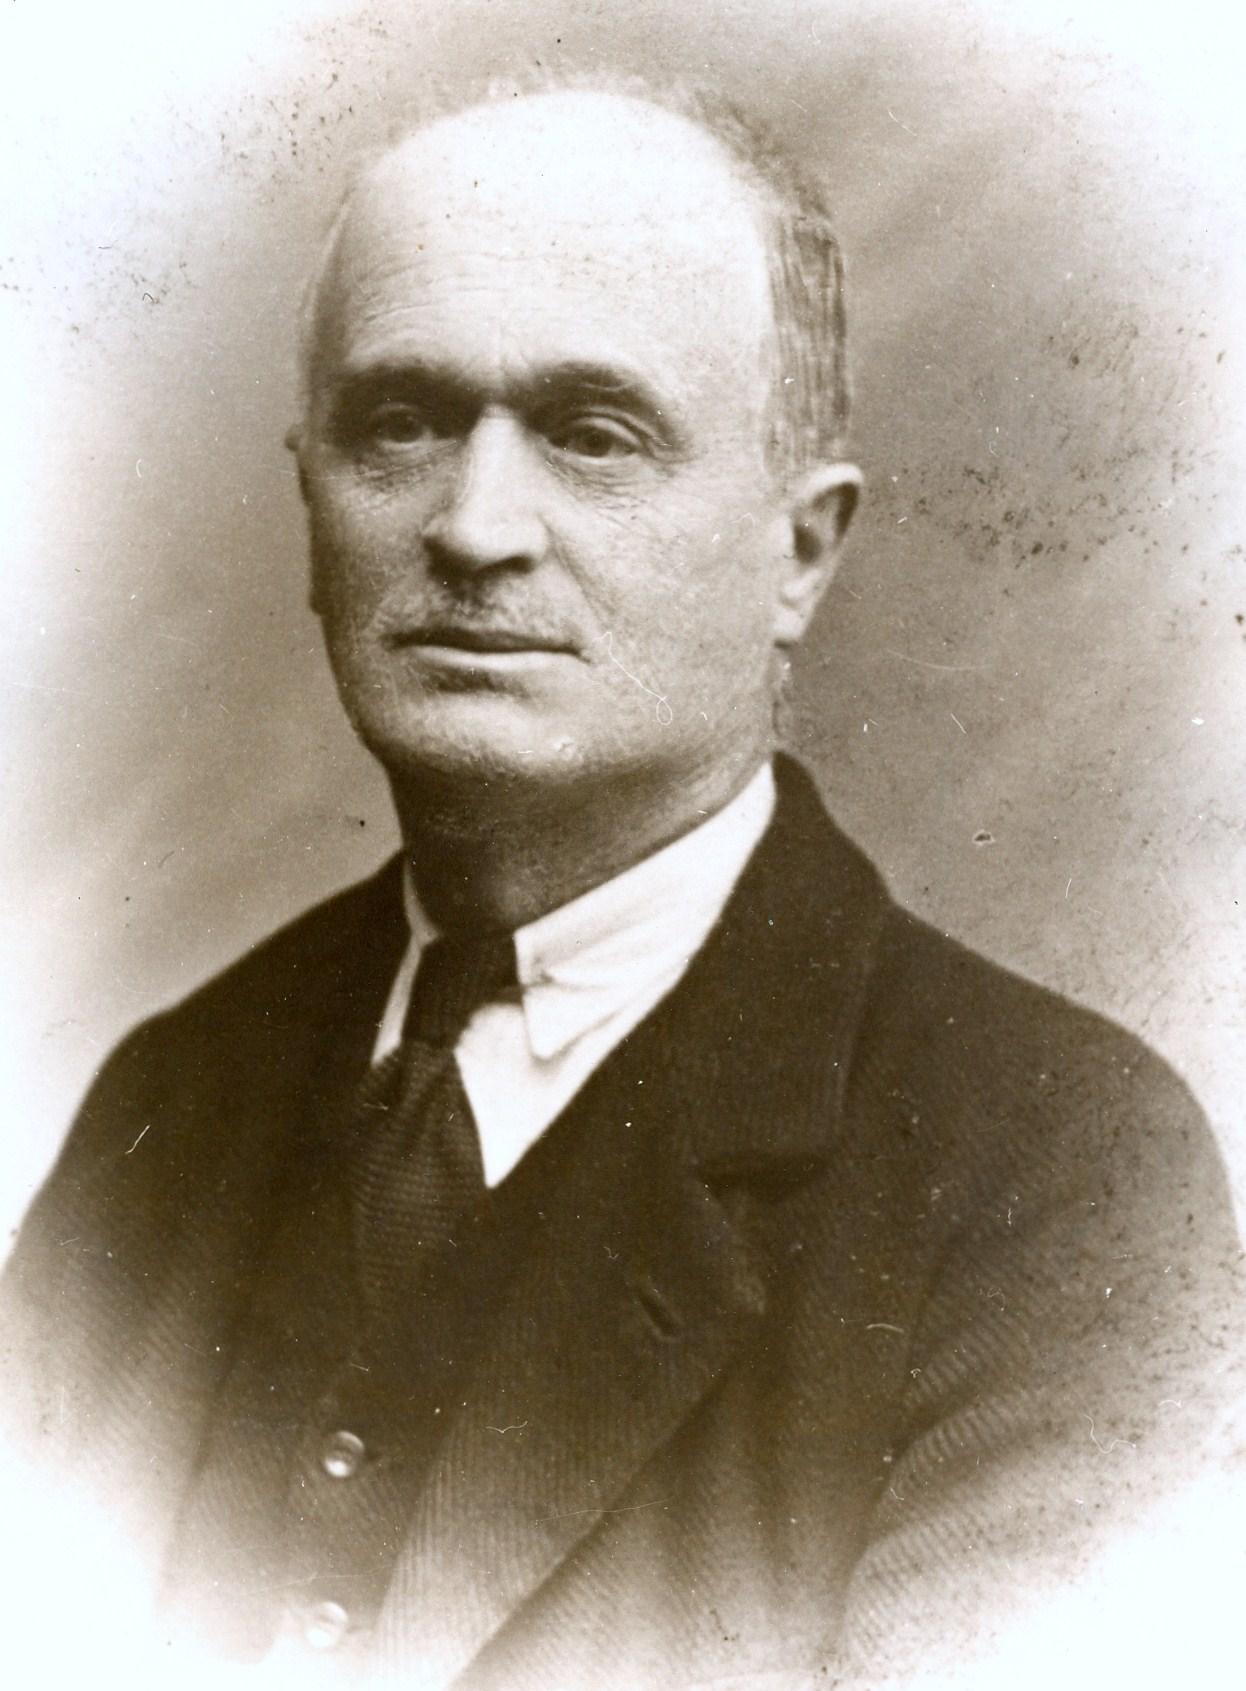 calamandrei primo 20.7.1874 - 17.2.1954